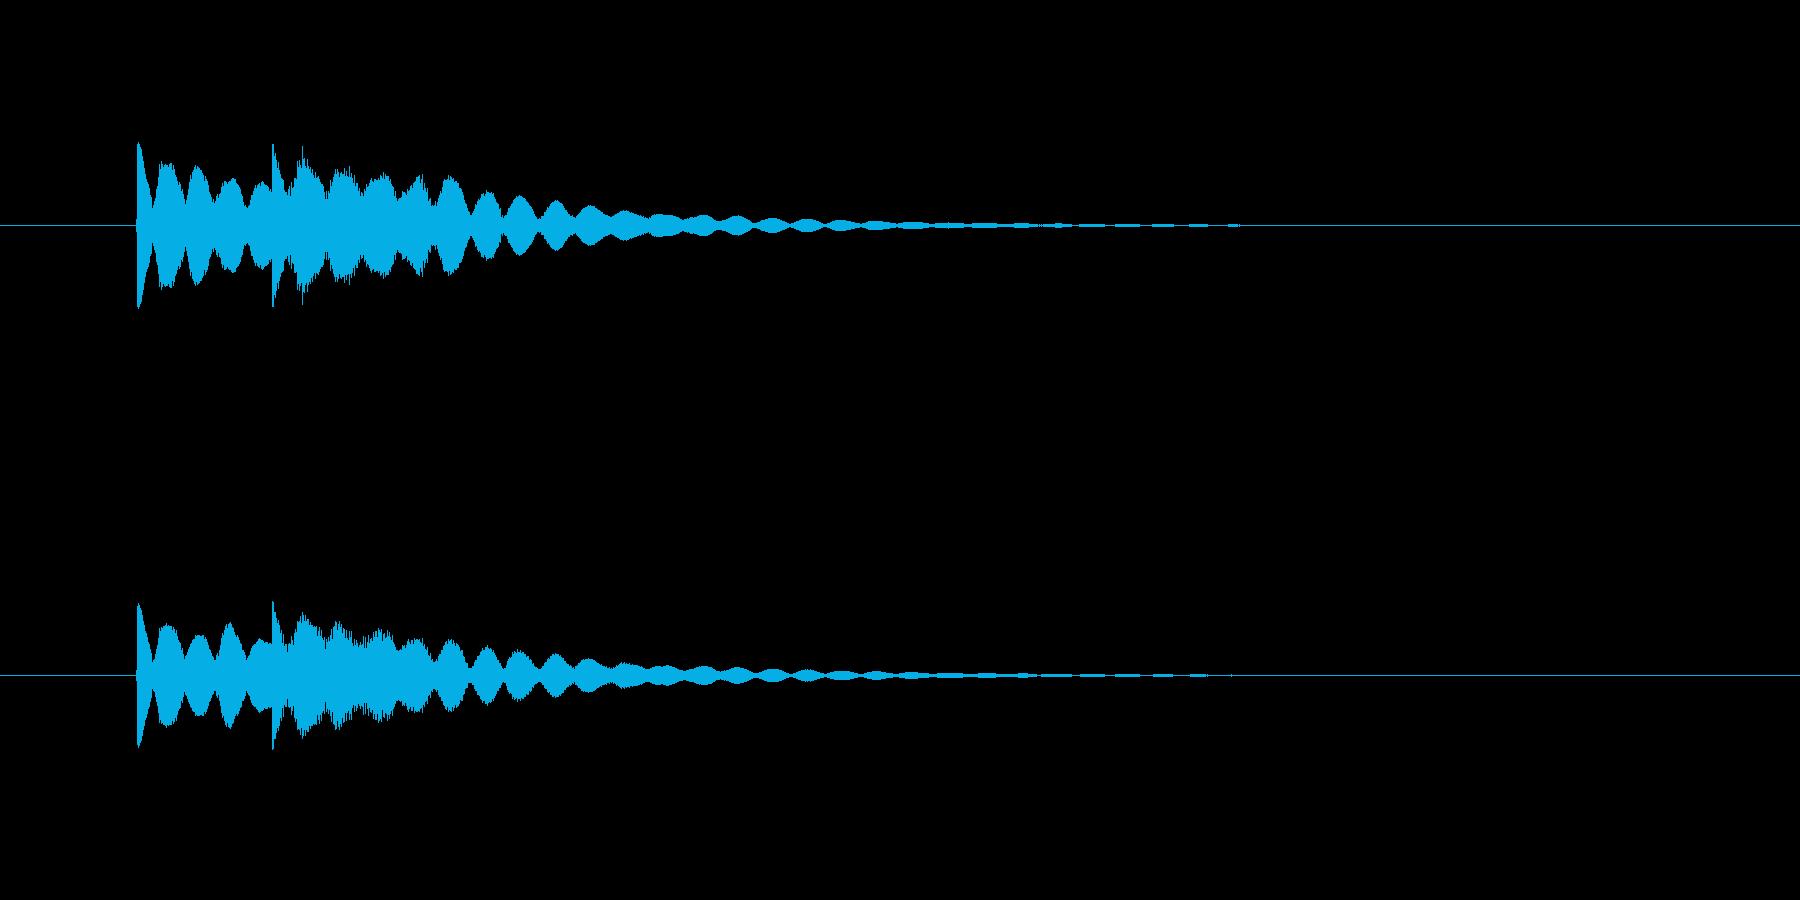 ピンポーン(明るくシンプルなチャイム音)の再生済みの波形